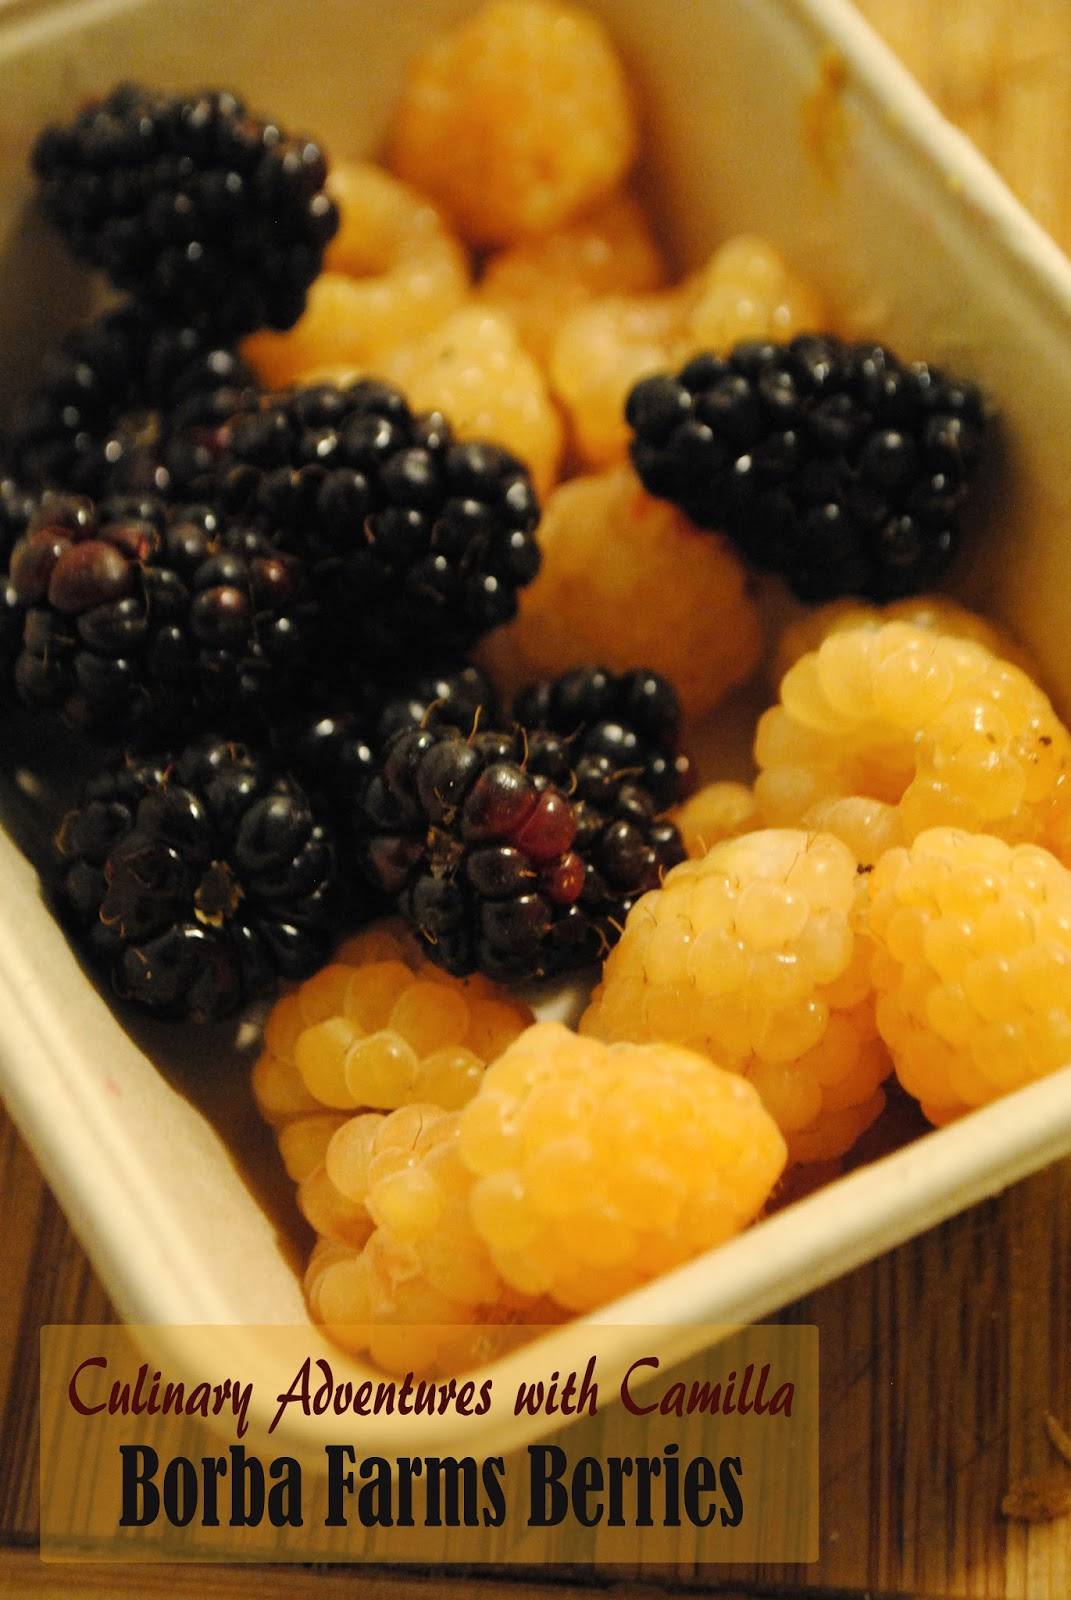 marionberries and golden raspberries